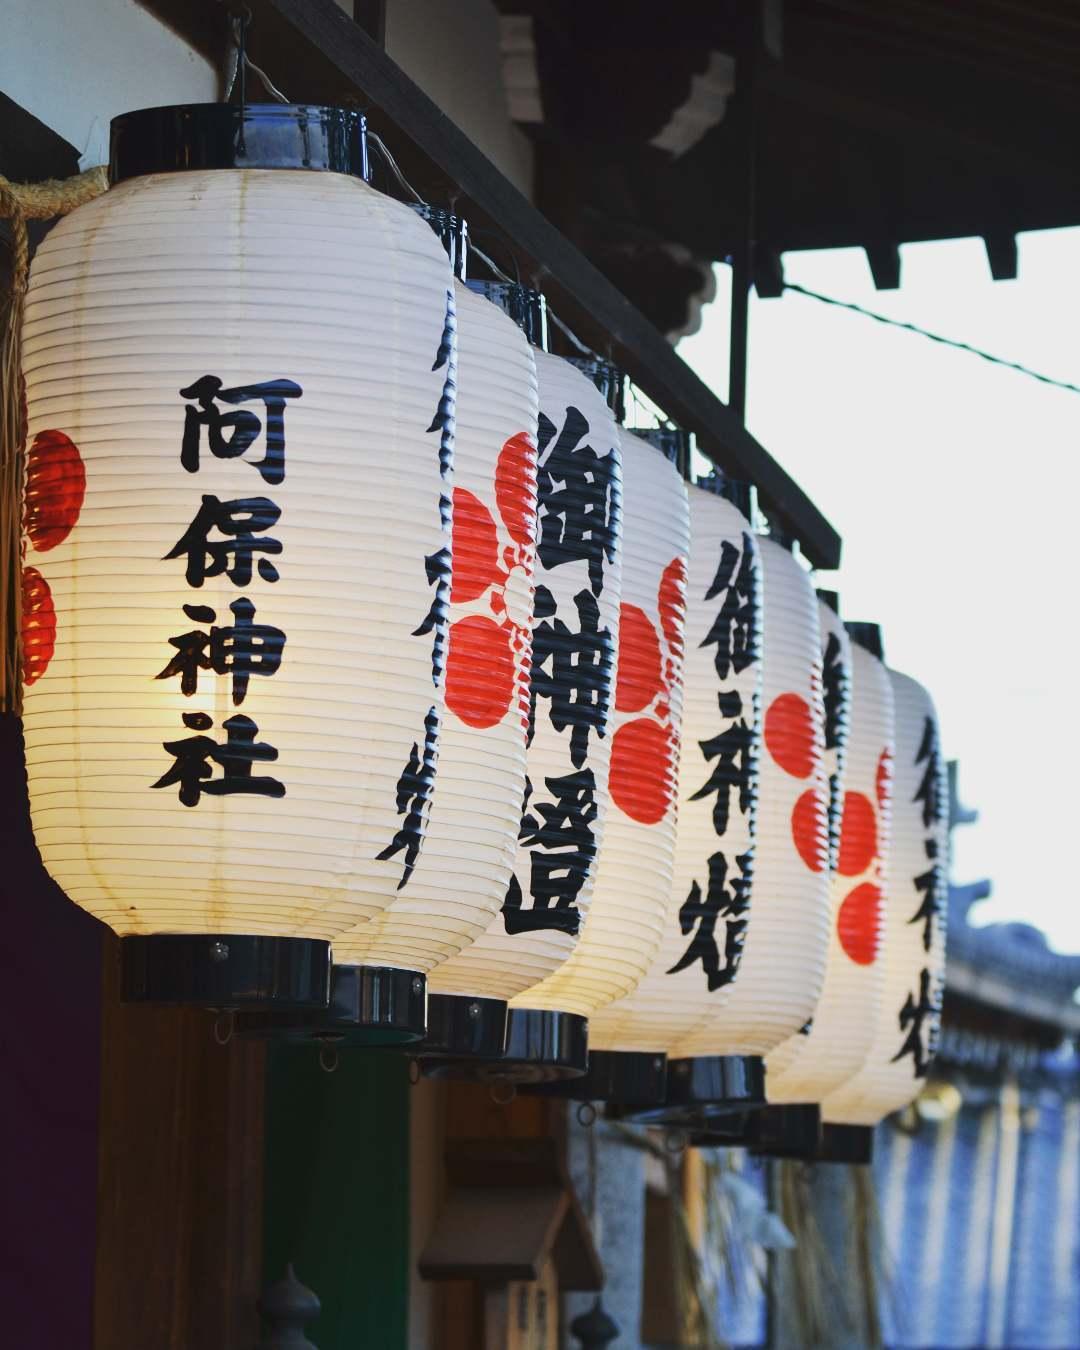 秋の例大祭 大阪天満宮 阿保神社